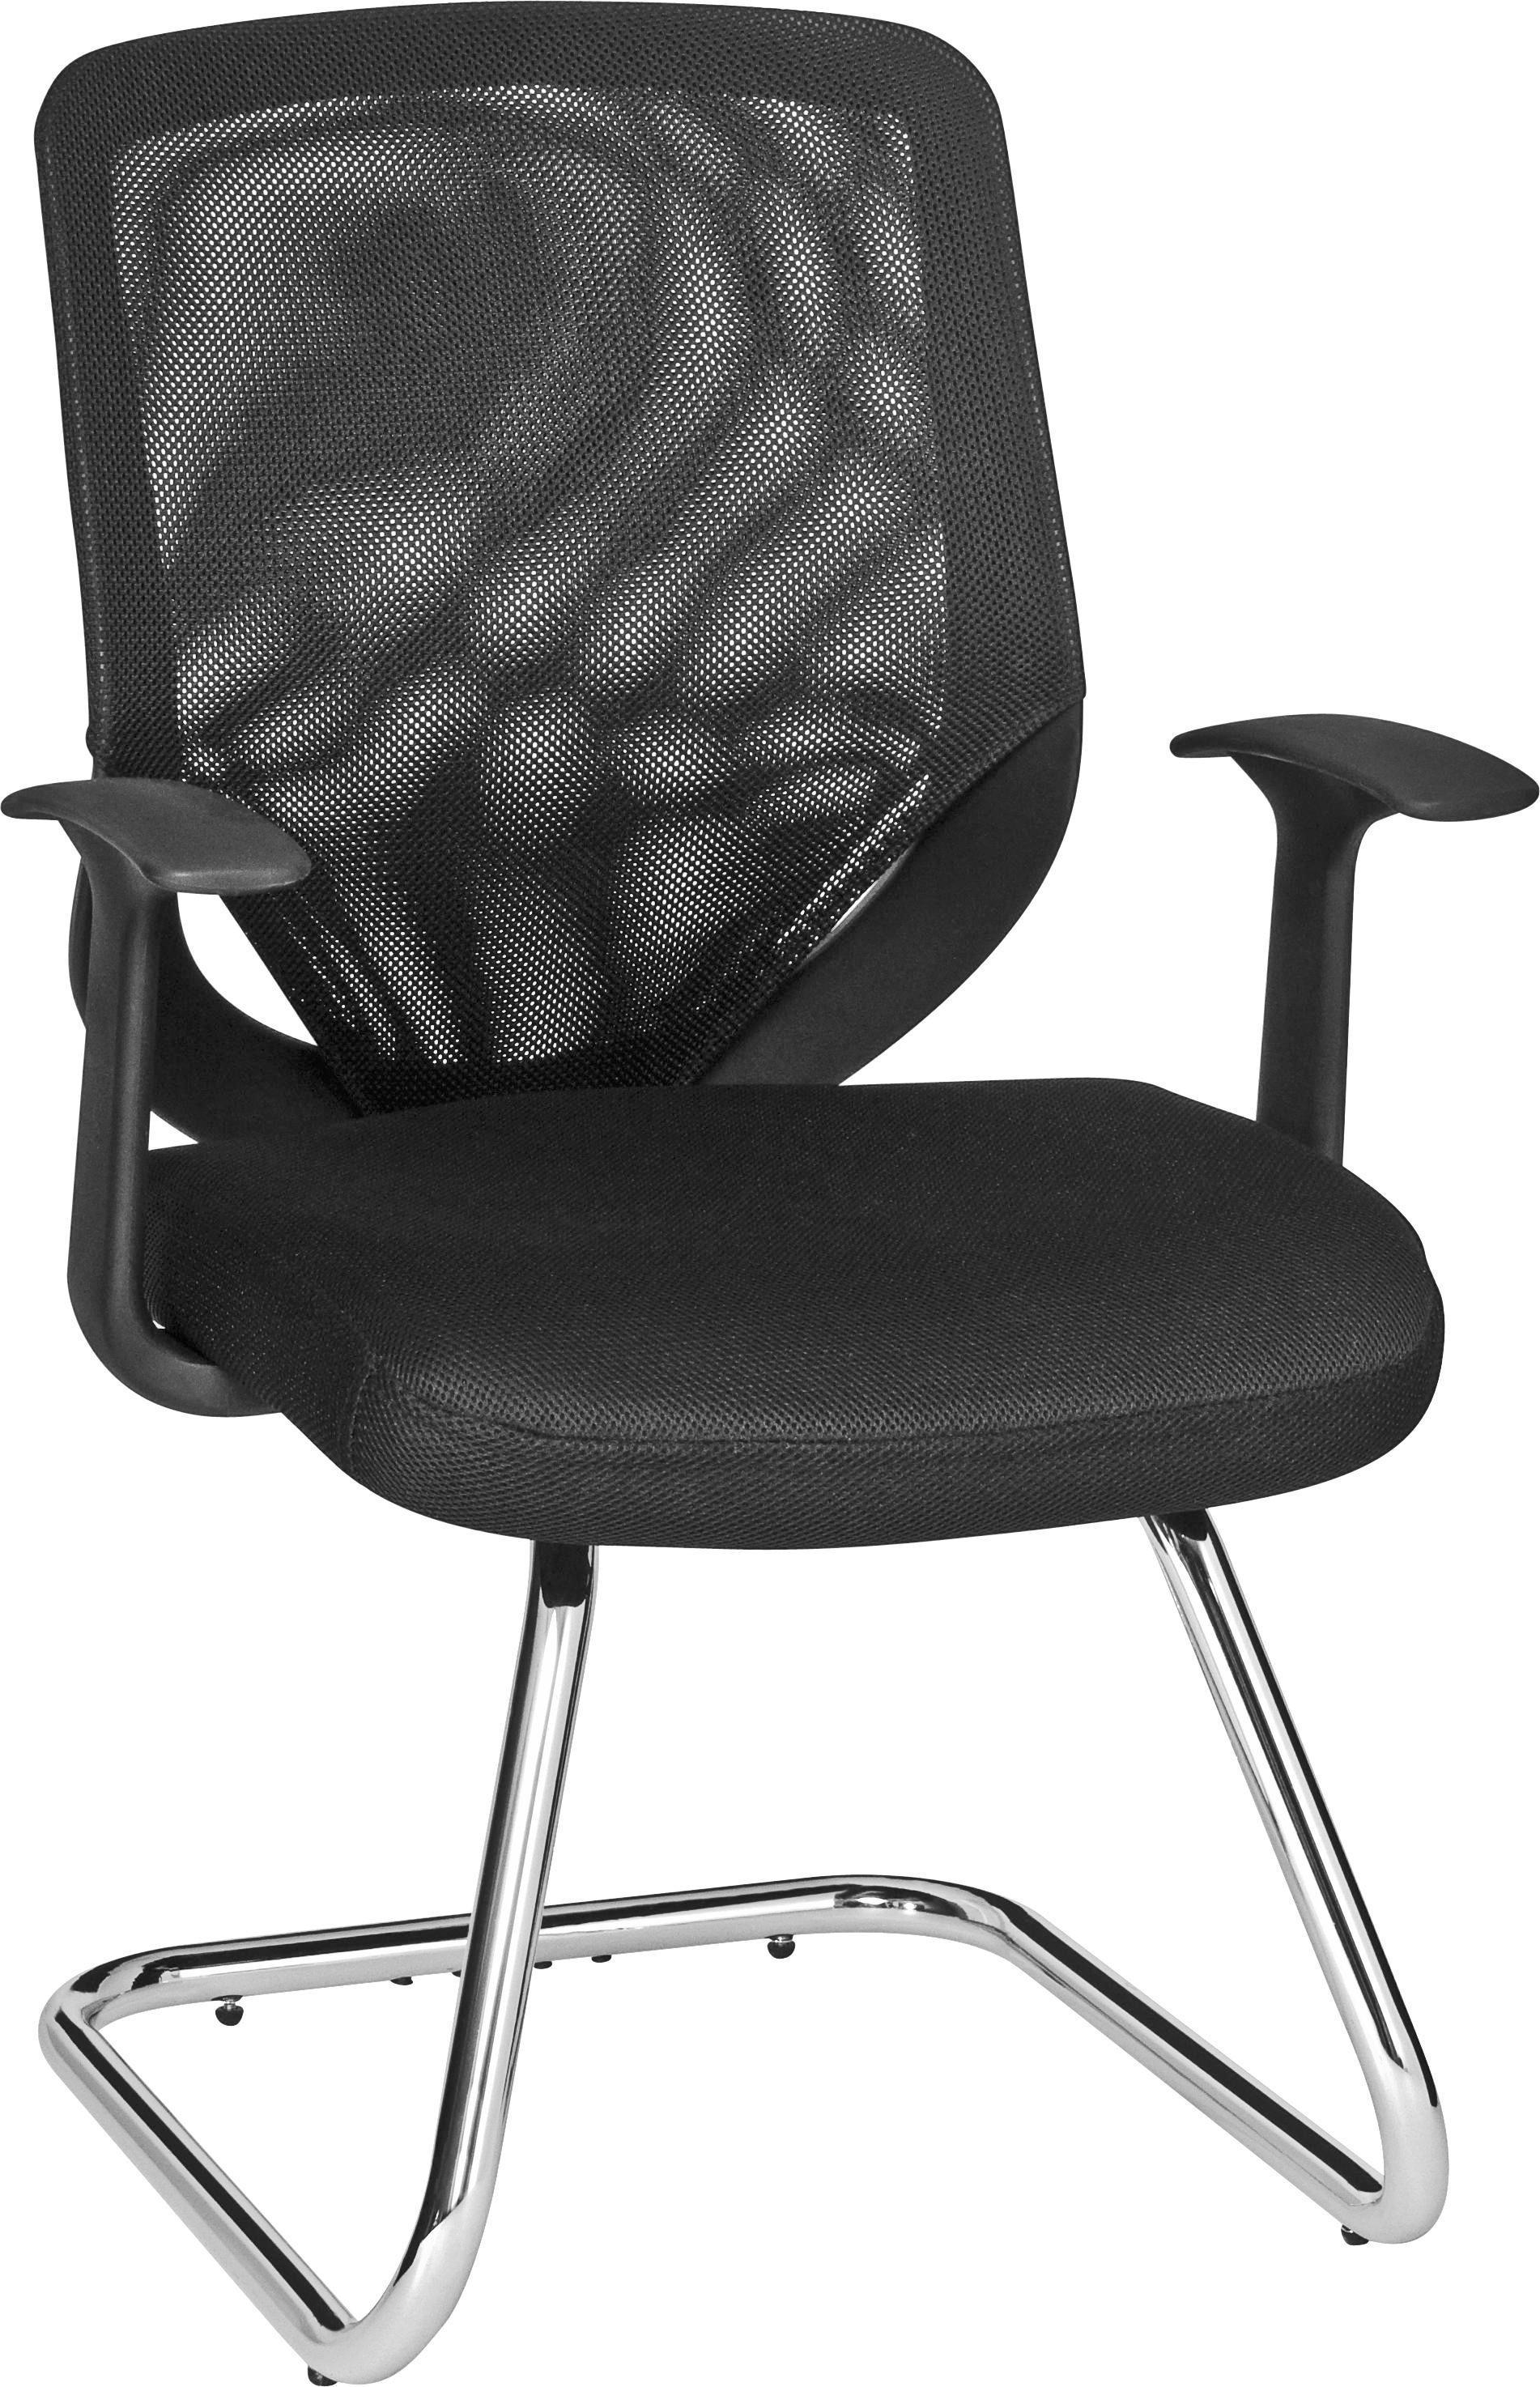 Exquisit Esstisch Stühle Schwarz Beste Wahl